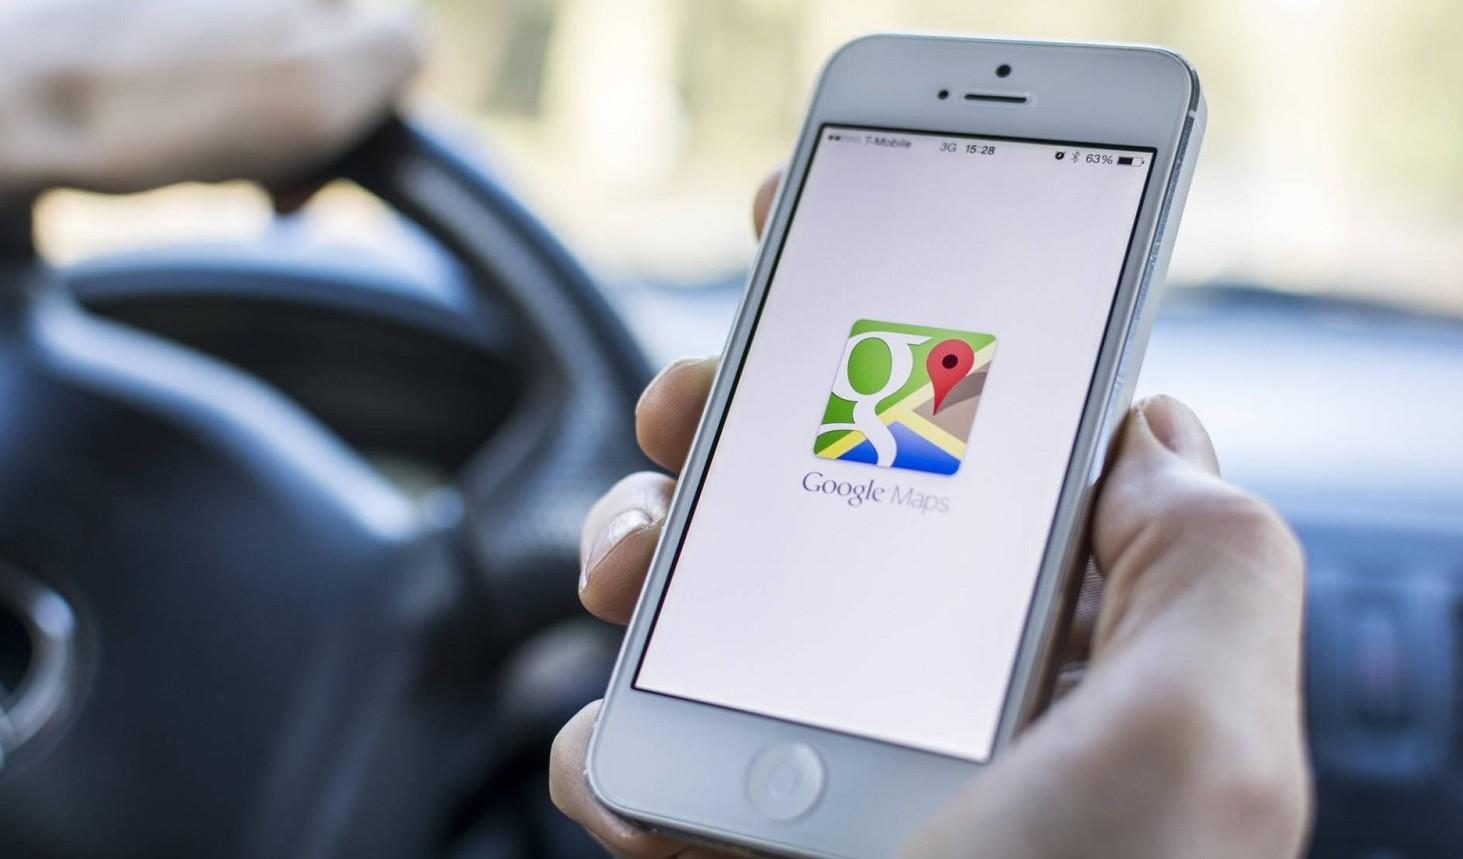 Autovelox Italia 2019 fissi e mobili gratis, gli alert ora arrivano anche su Google Maps